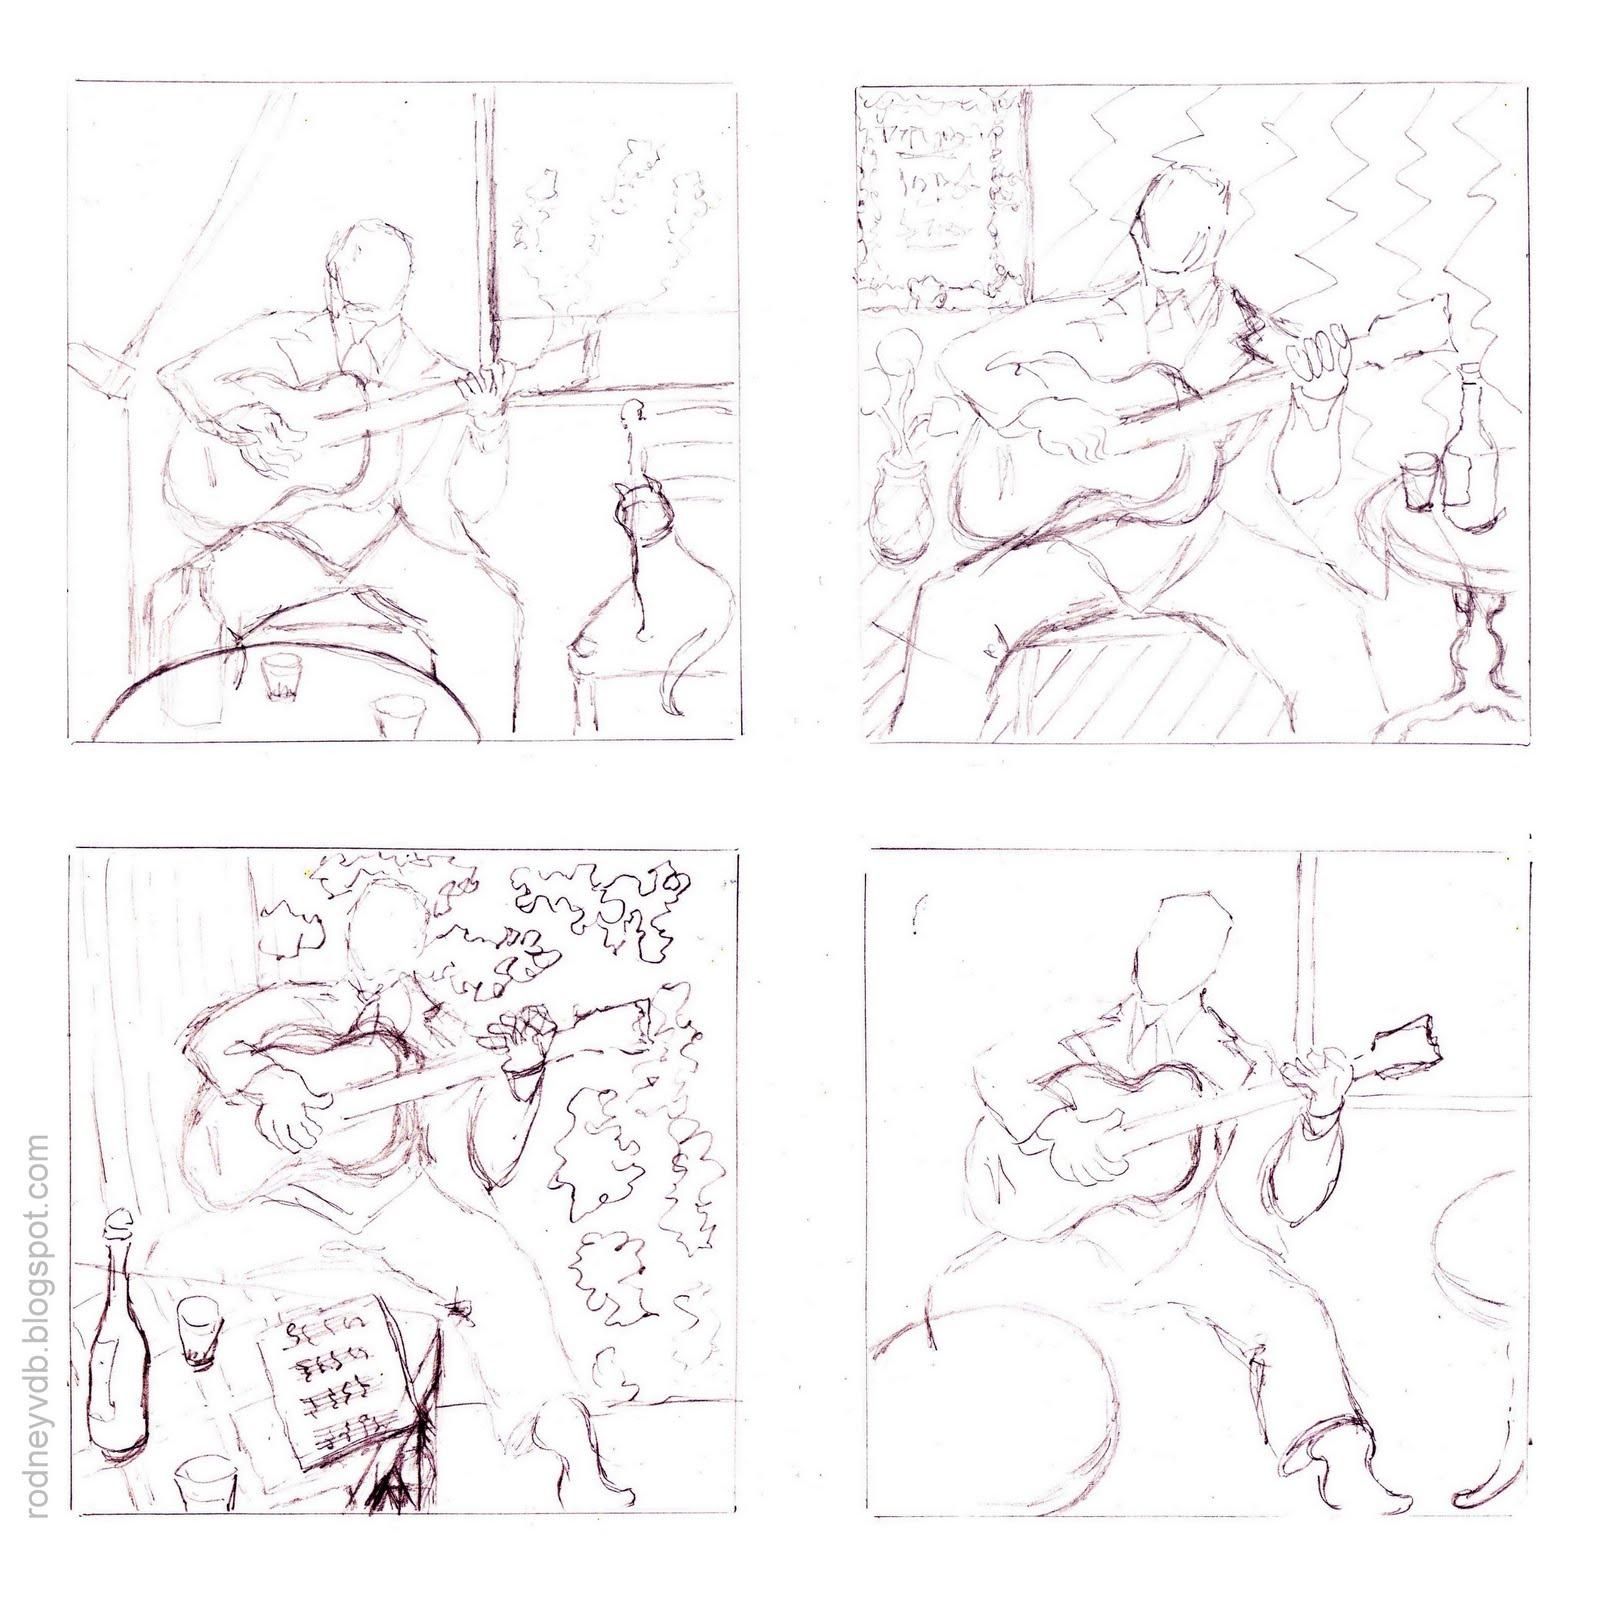 composition studies